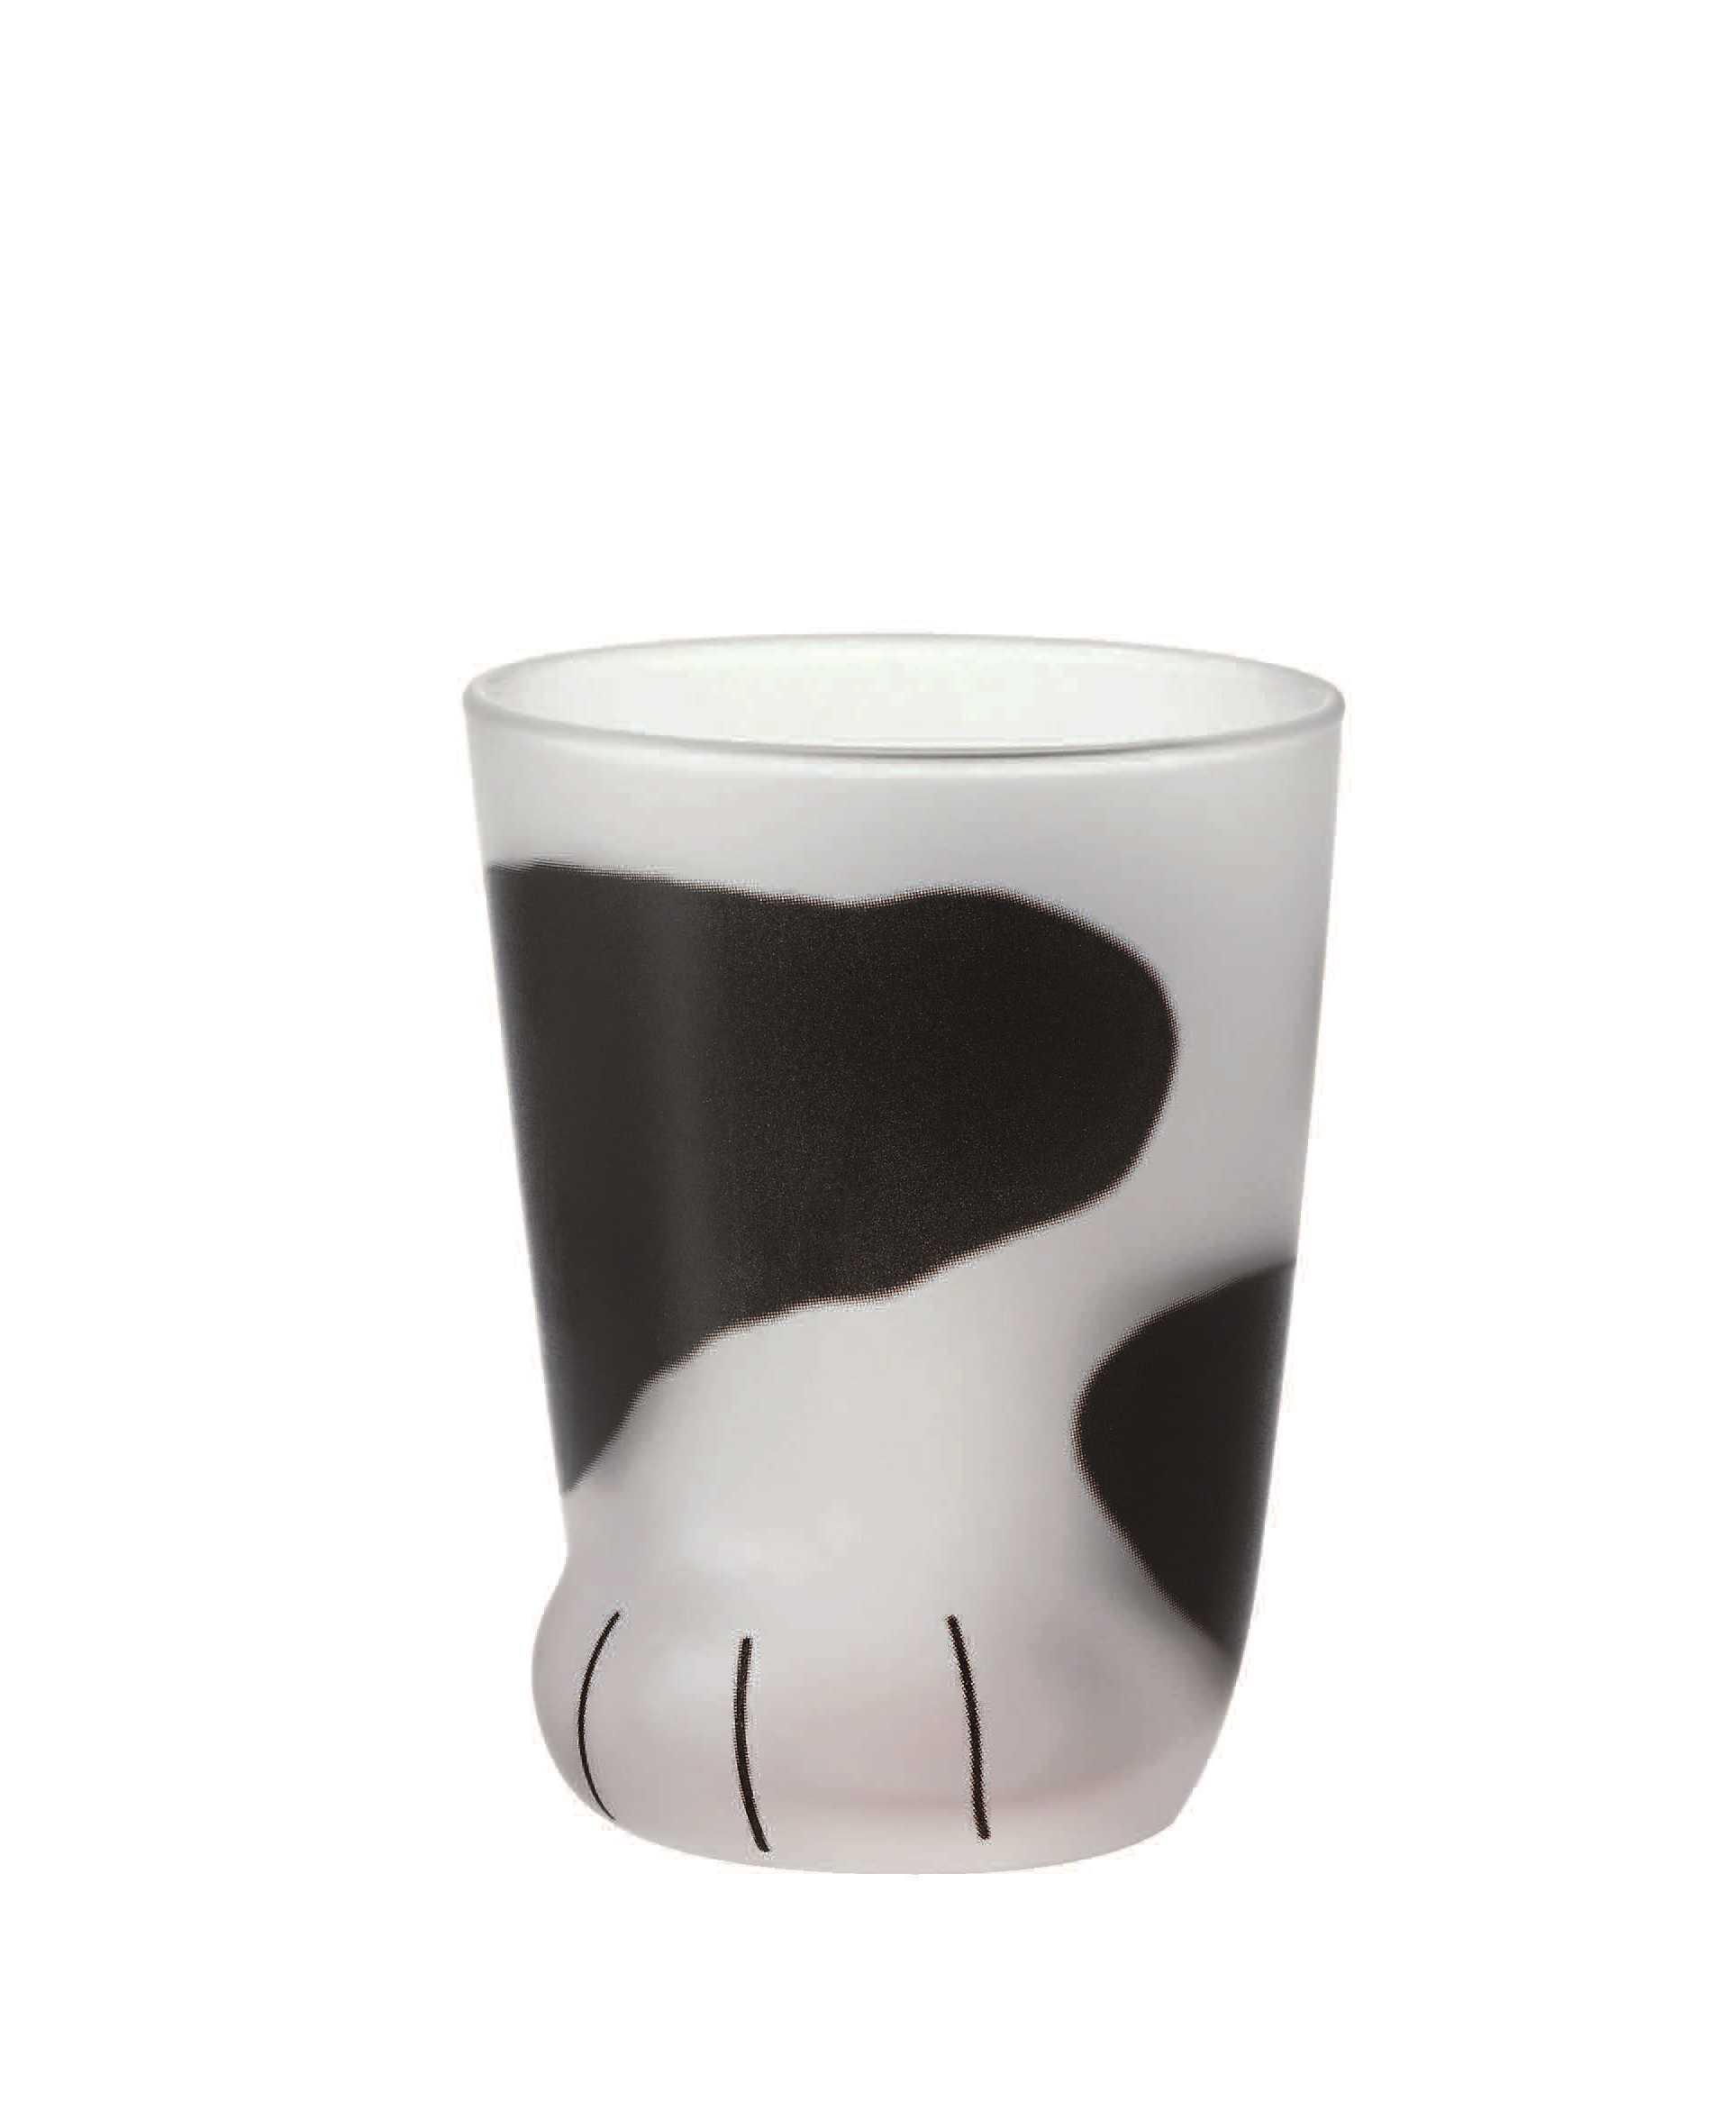 Aderia Coconeco Buchi glass 230ml 6678